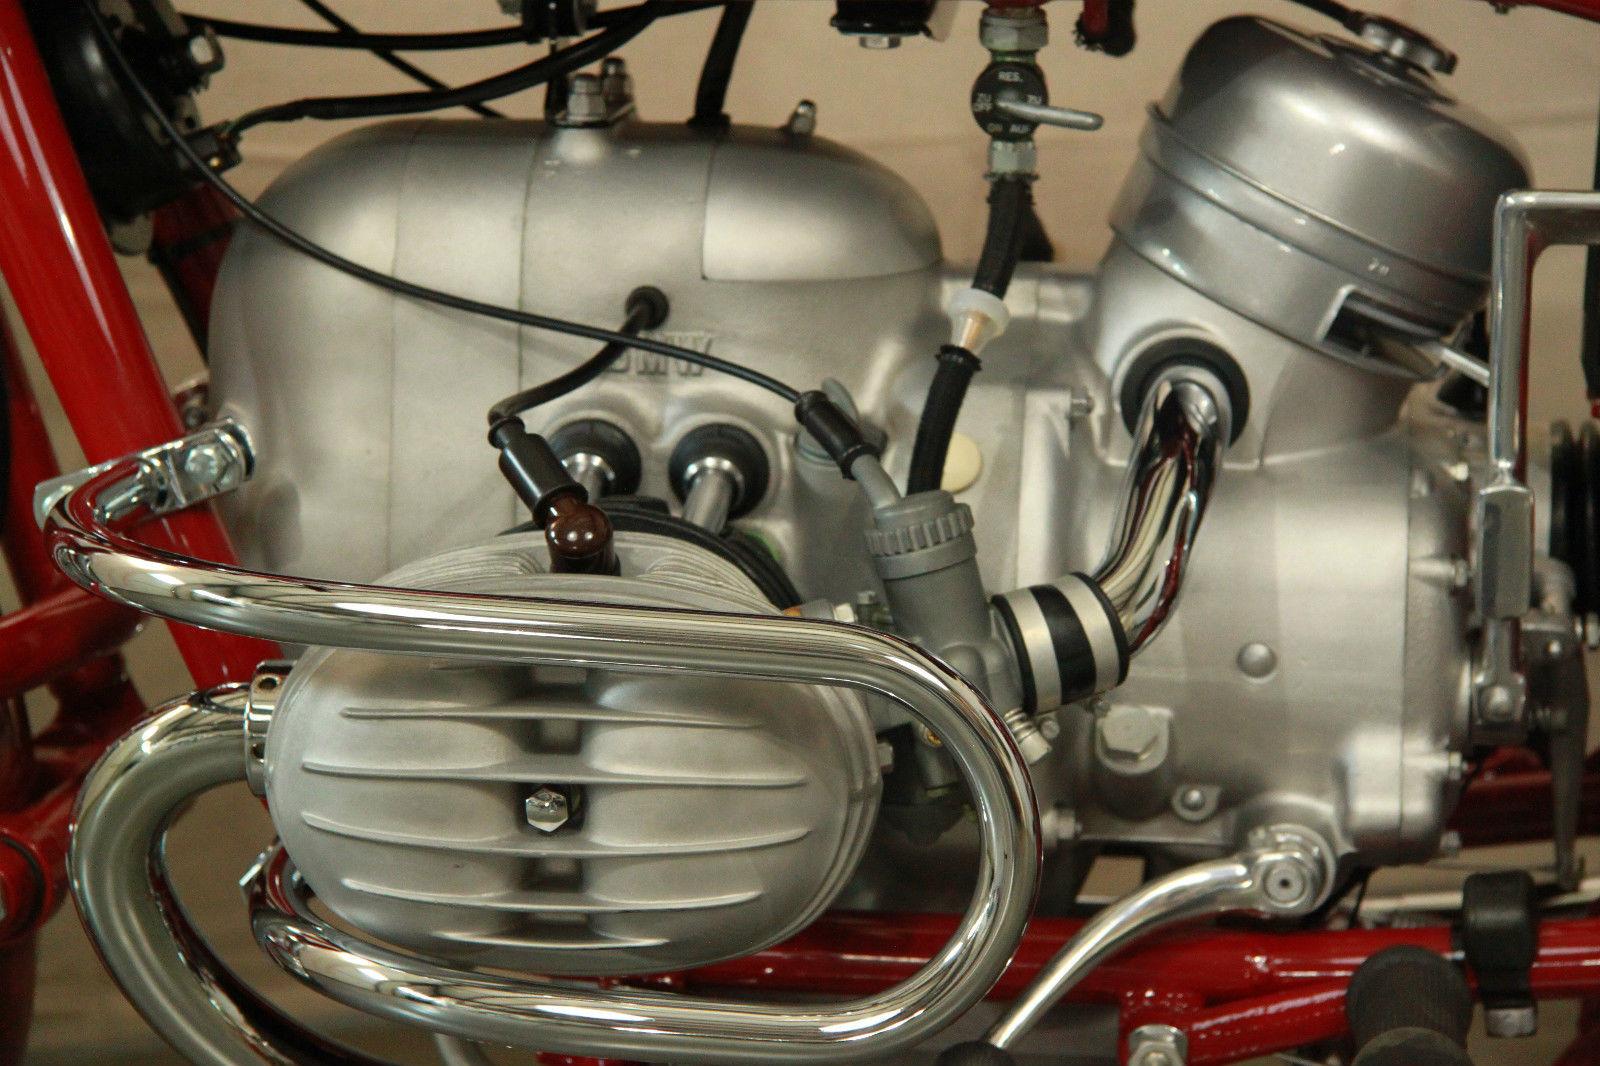 1963 bmw r60  2